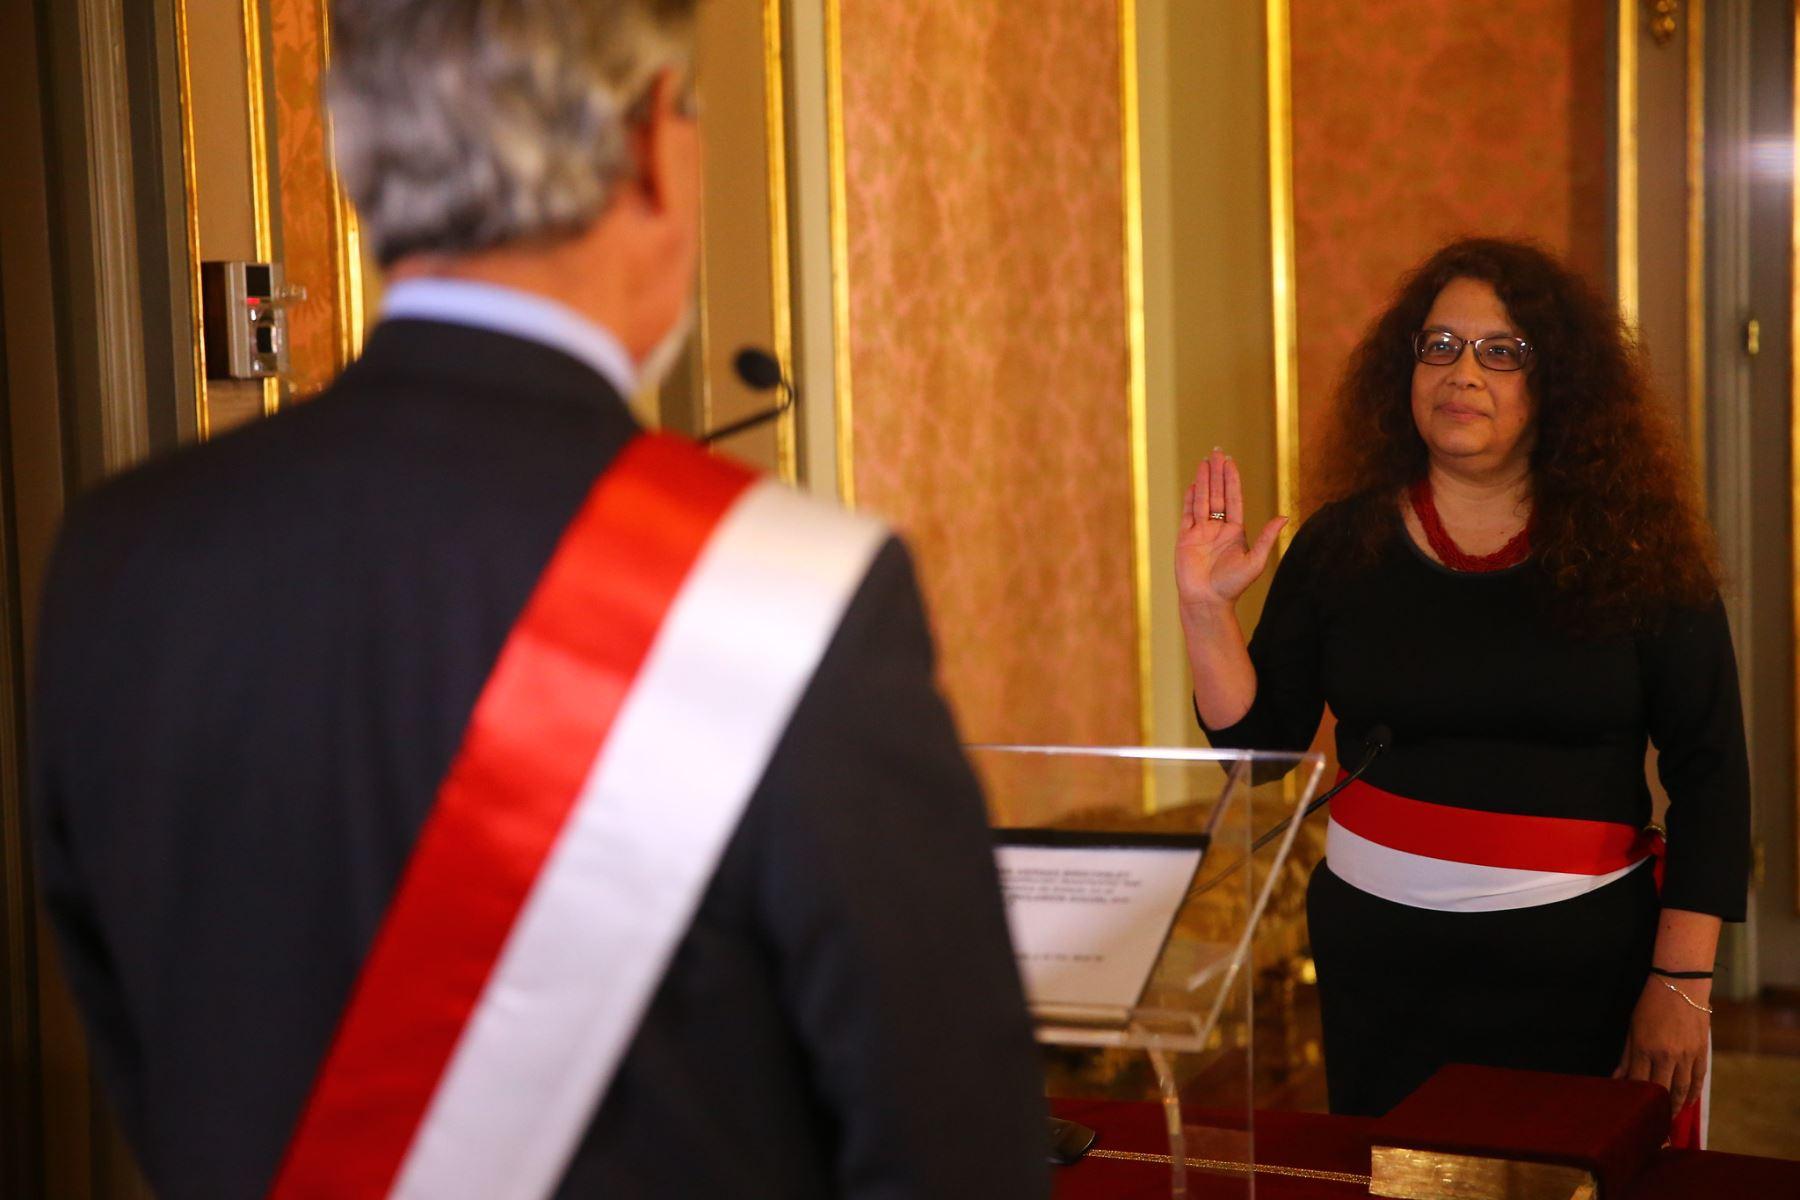 Silvana Vargas es la titular del Ministerio de Desarrollo e Inclusión Social (Midis). Foto: ANDINA/Prensa Presidencia